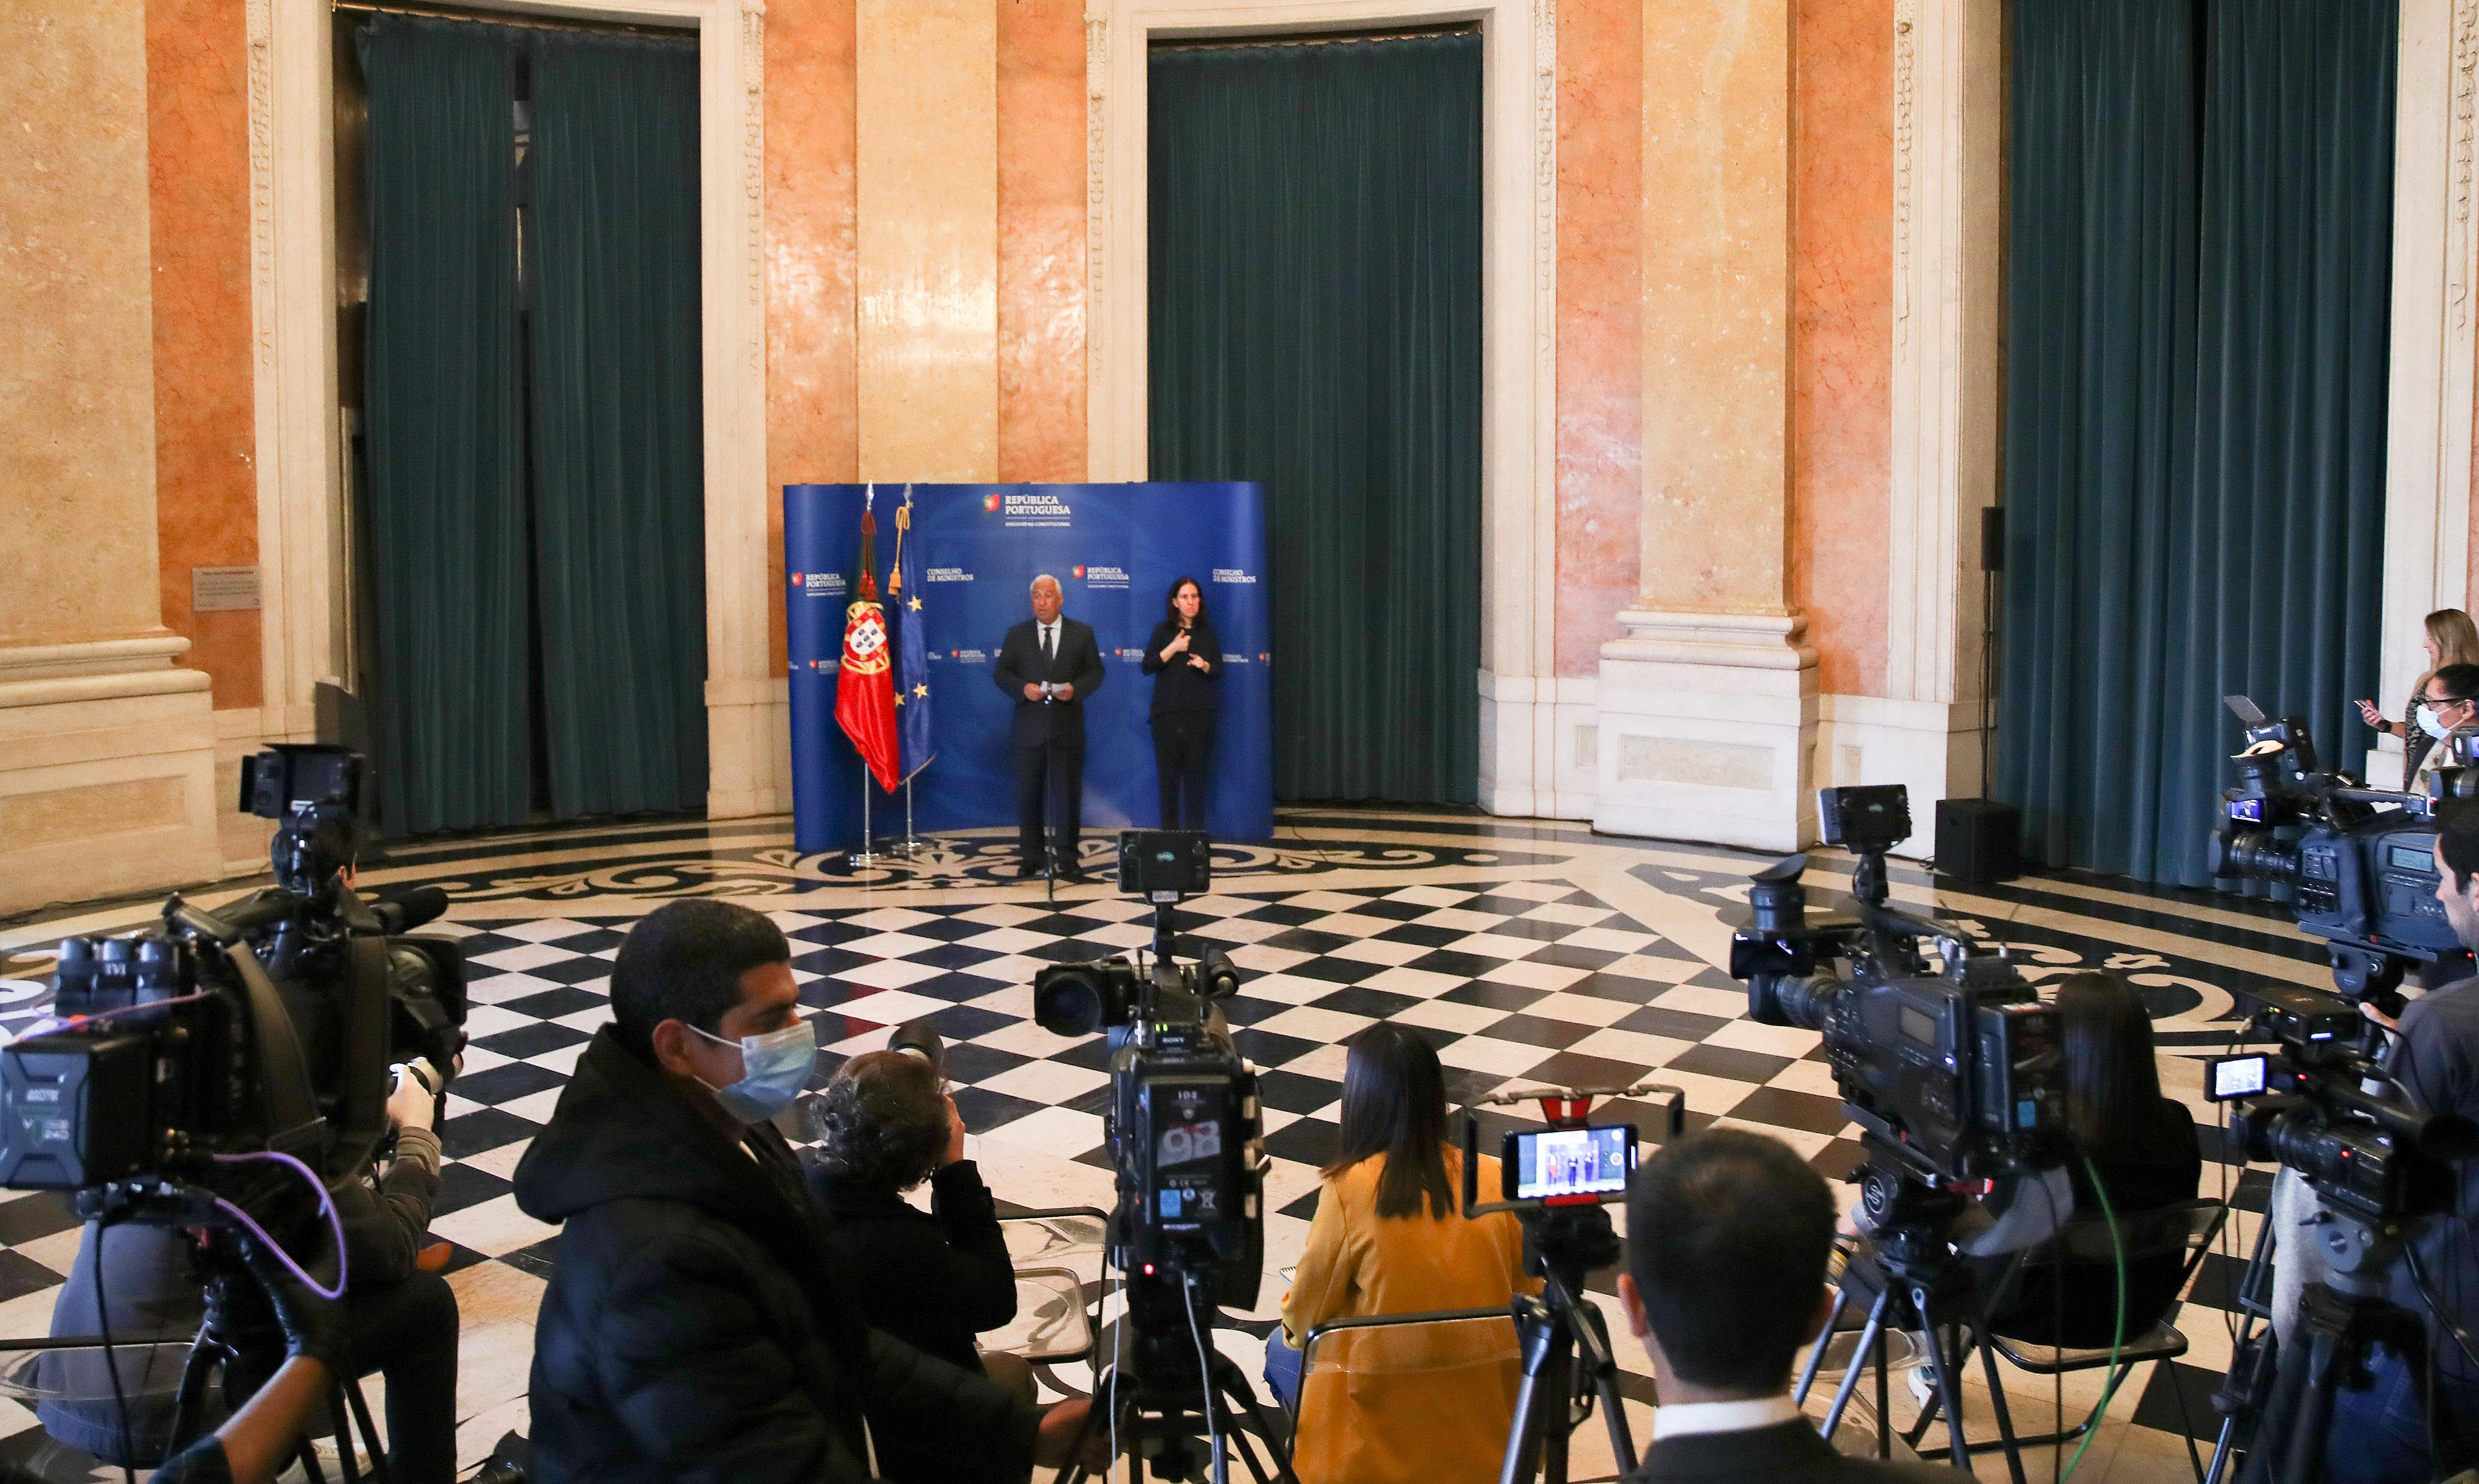 Resultado de imagem para Estado de Emergência avança com o parecer favorável do Conselho de Ministros